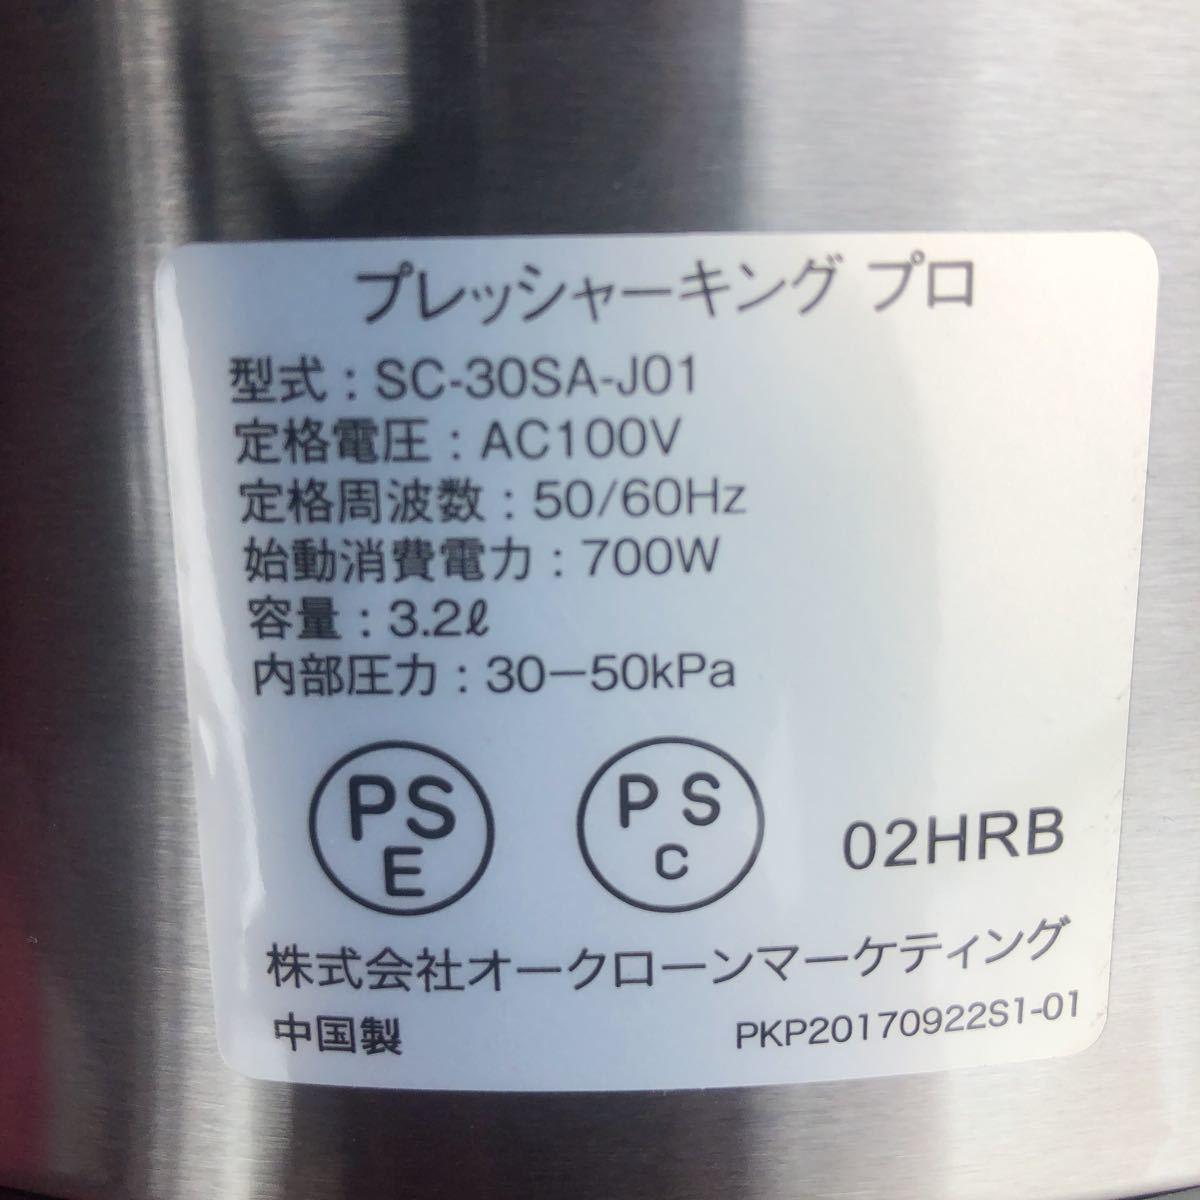 送料込み!ショップジャパンの電気圧力鍋 プレッシャーキングプロ_画像5